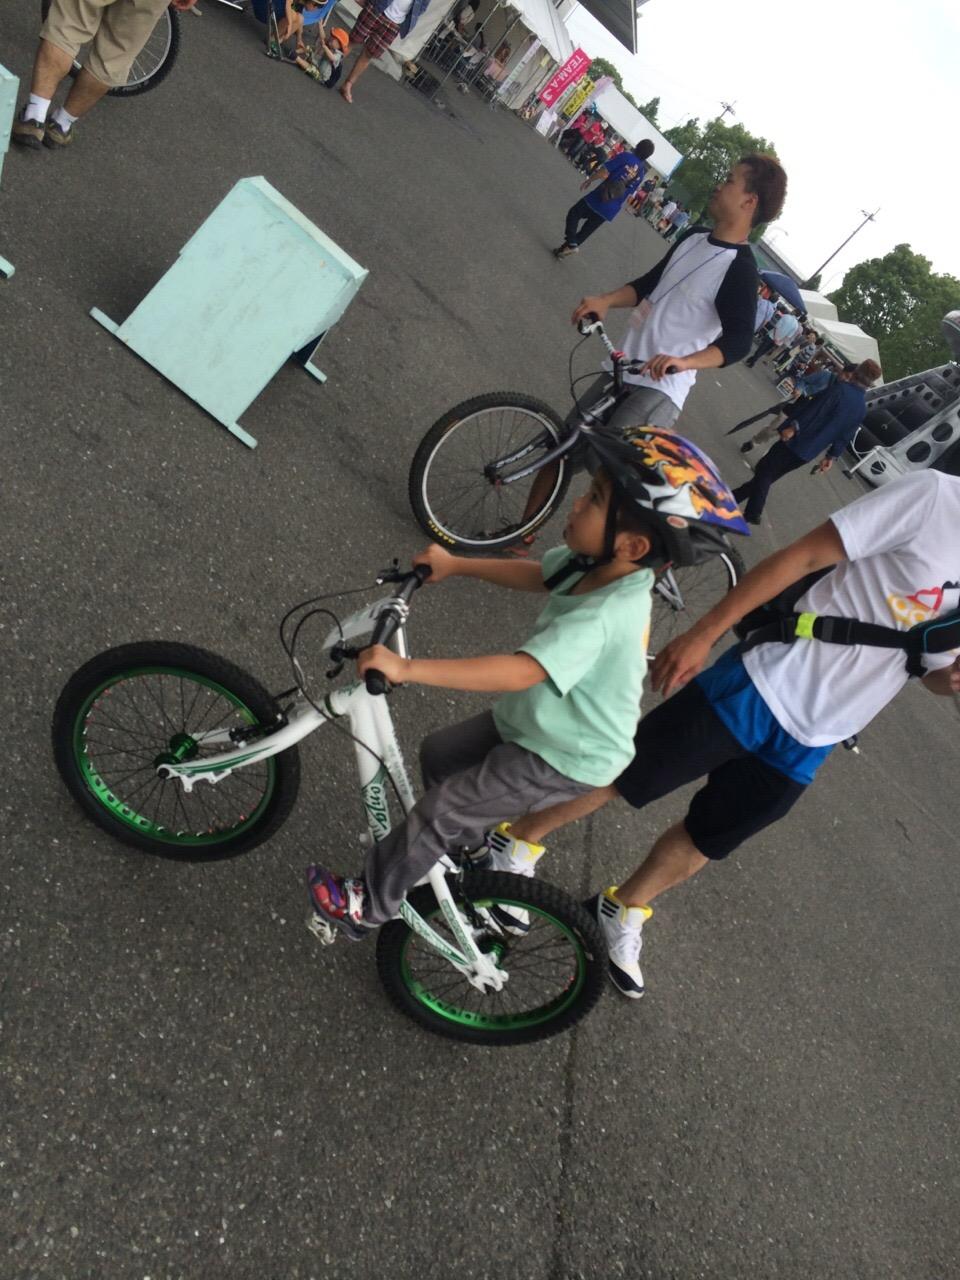 九州キャンピングカーショー 森海盛&IKKEI バイクトライアルショー